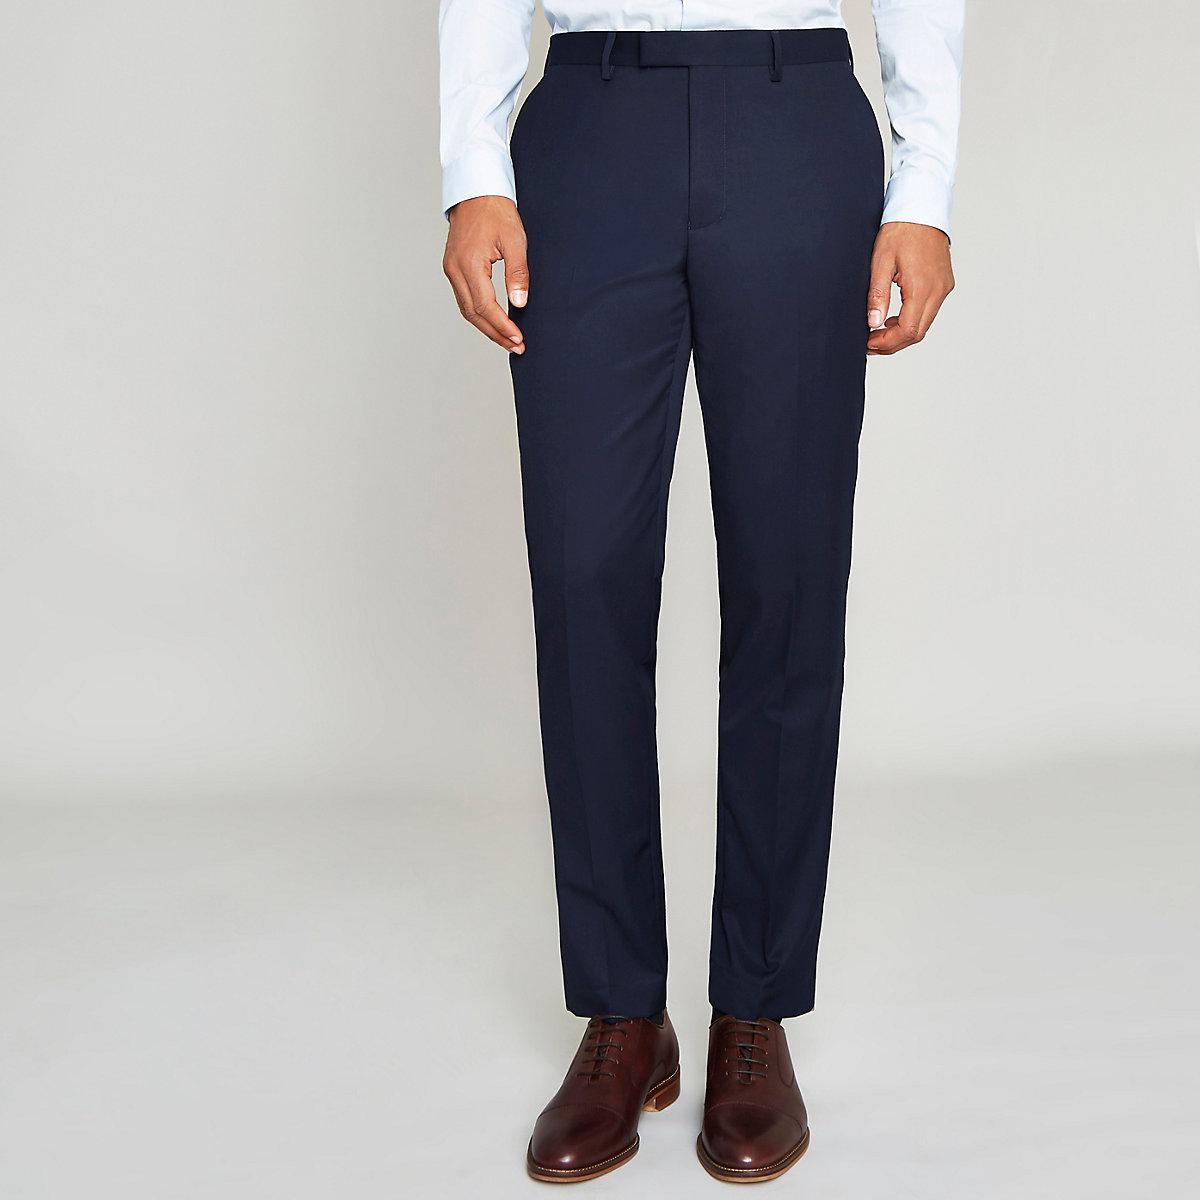 Navy blue slim fit suit pants